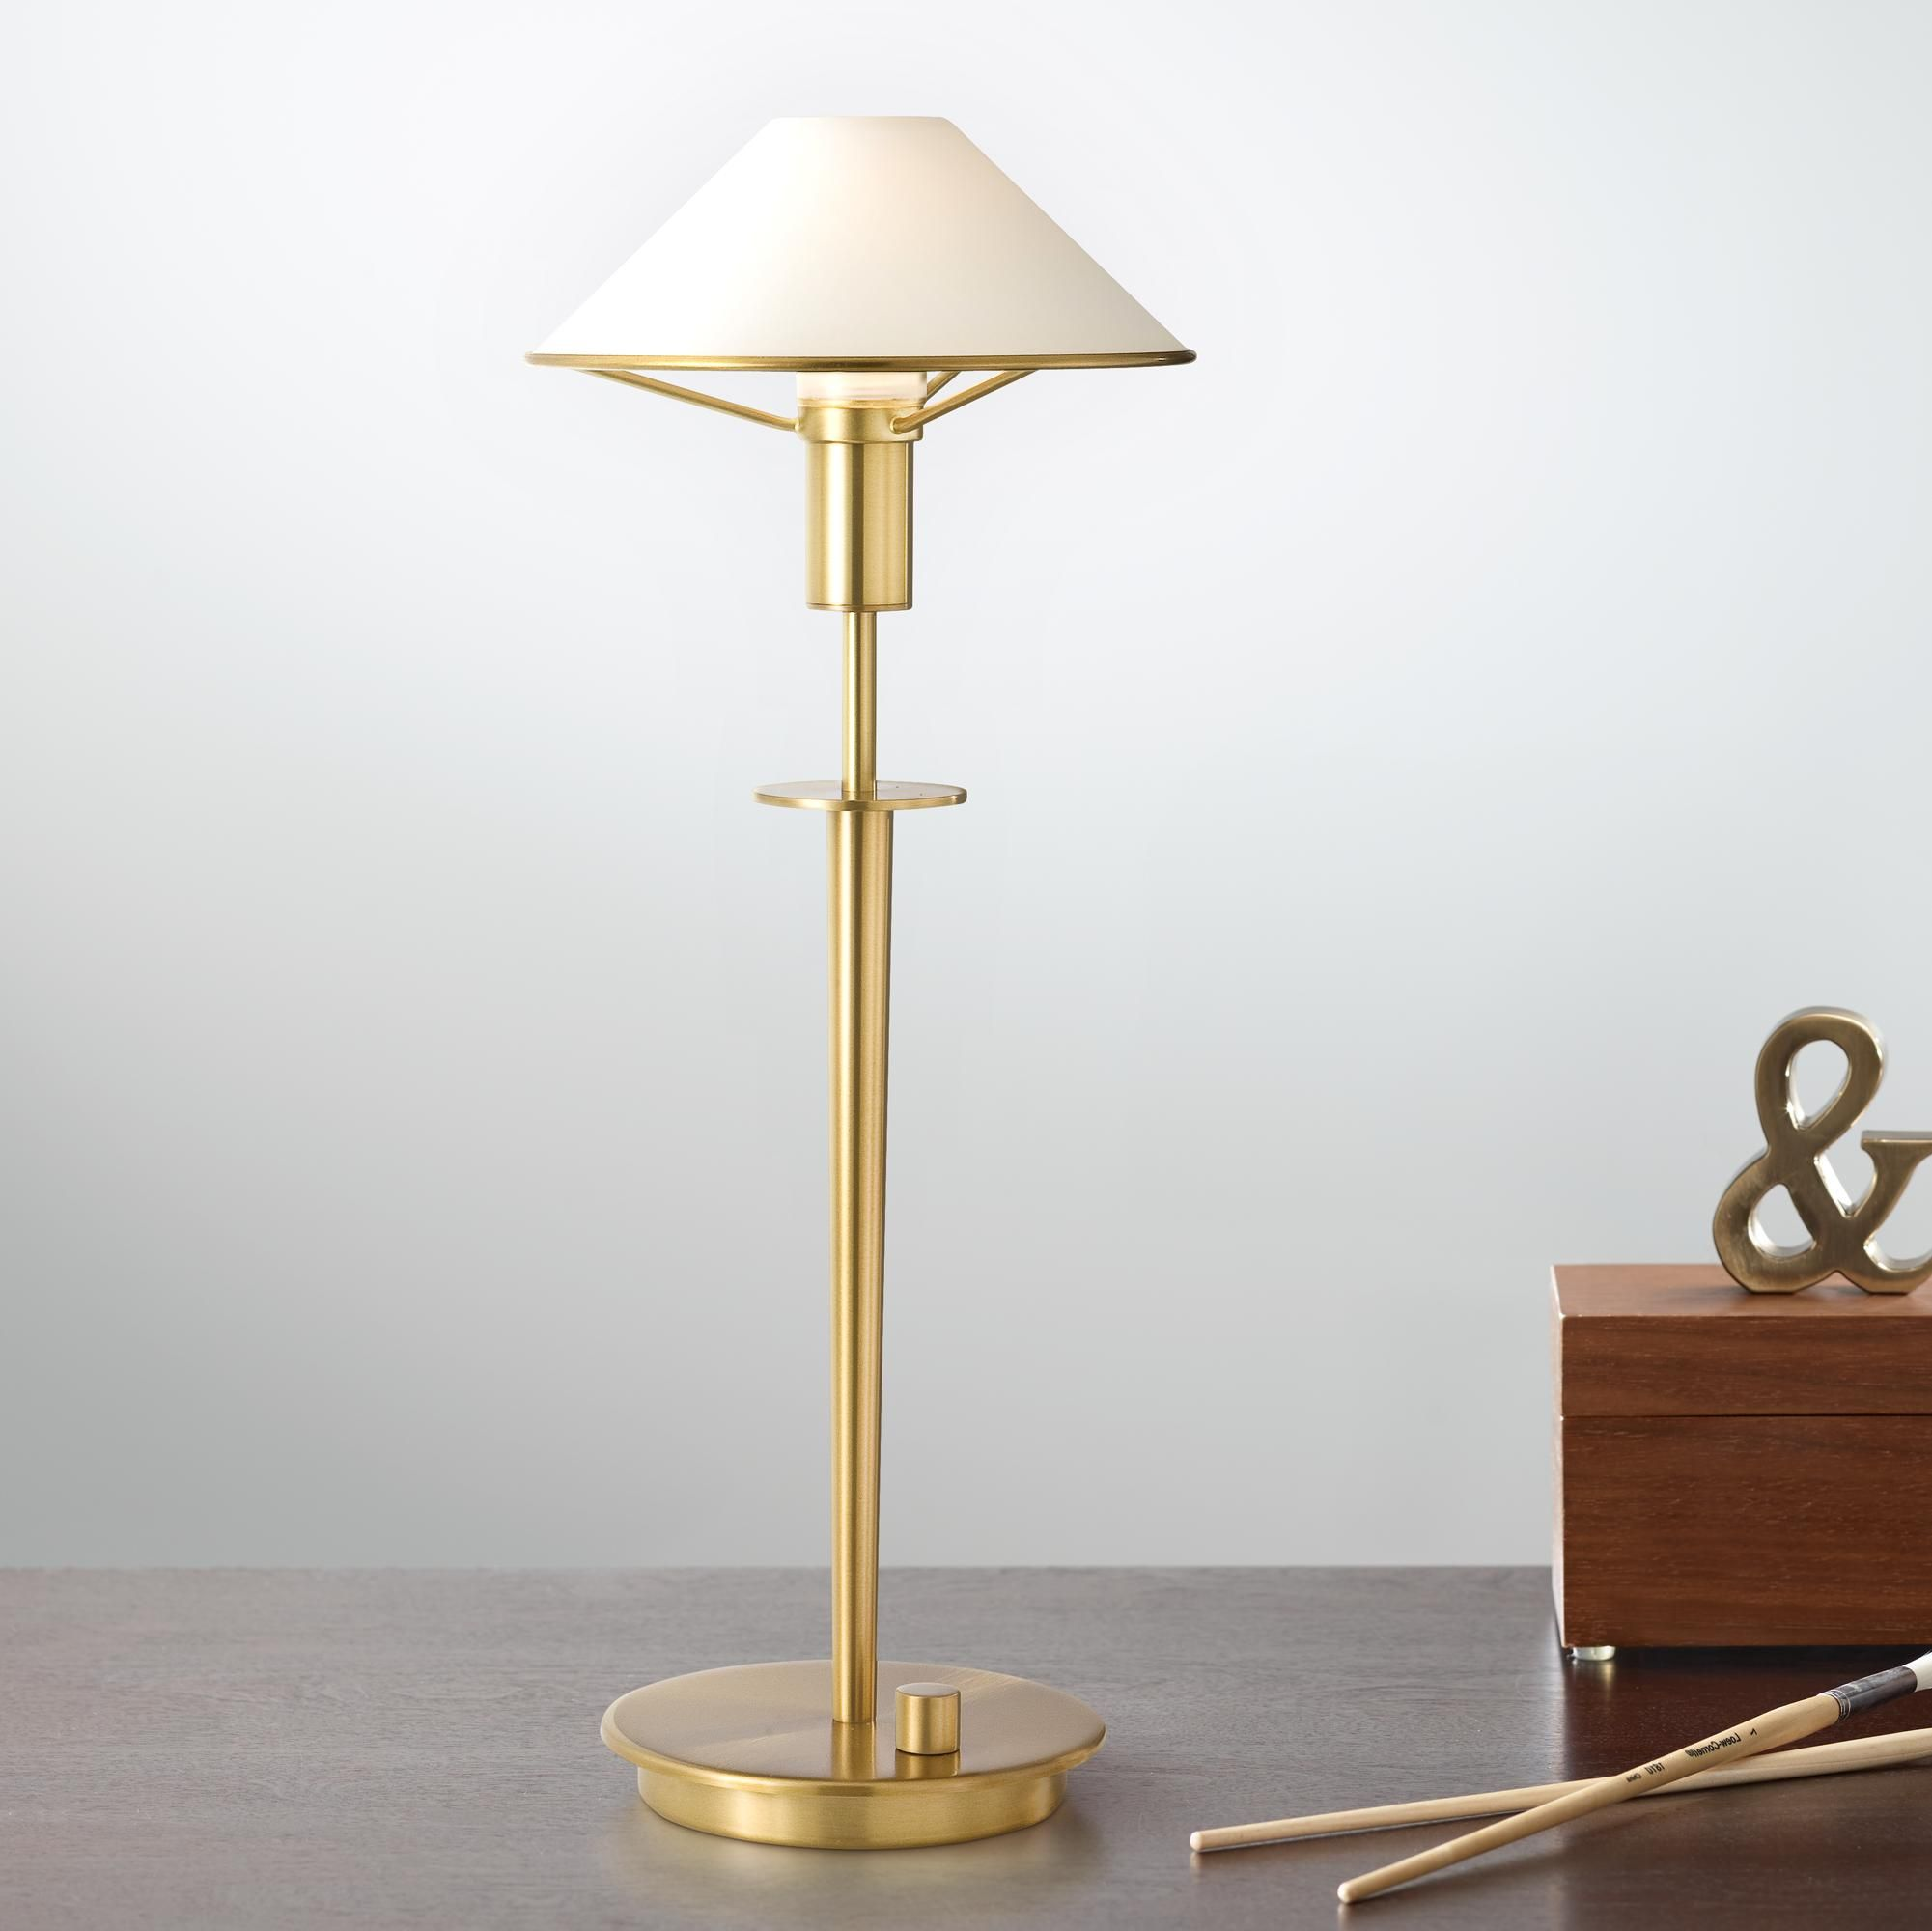 Holtkoetter Antique Brass True White Glass Desk Lamp Glass Desk Lamps Contemporary Desk Lamps